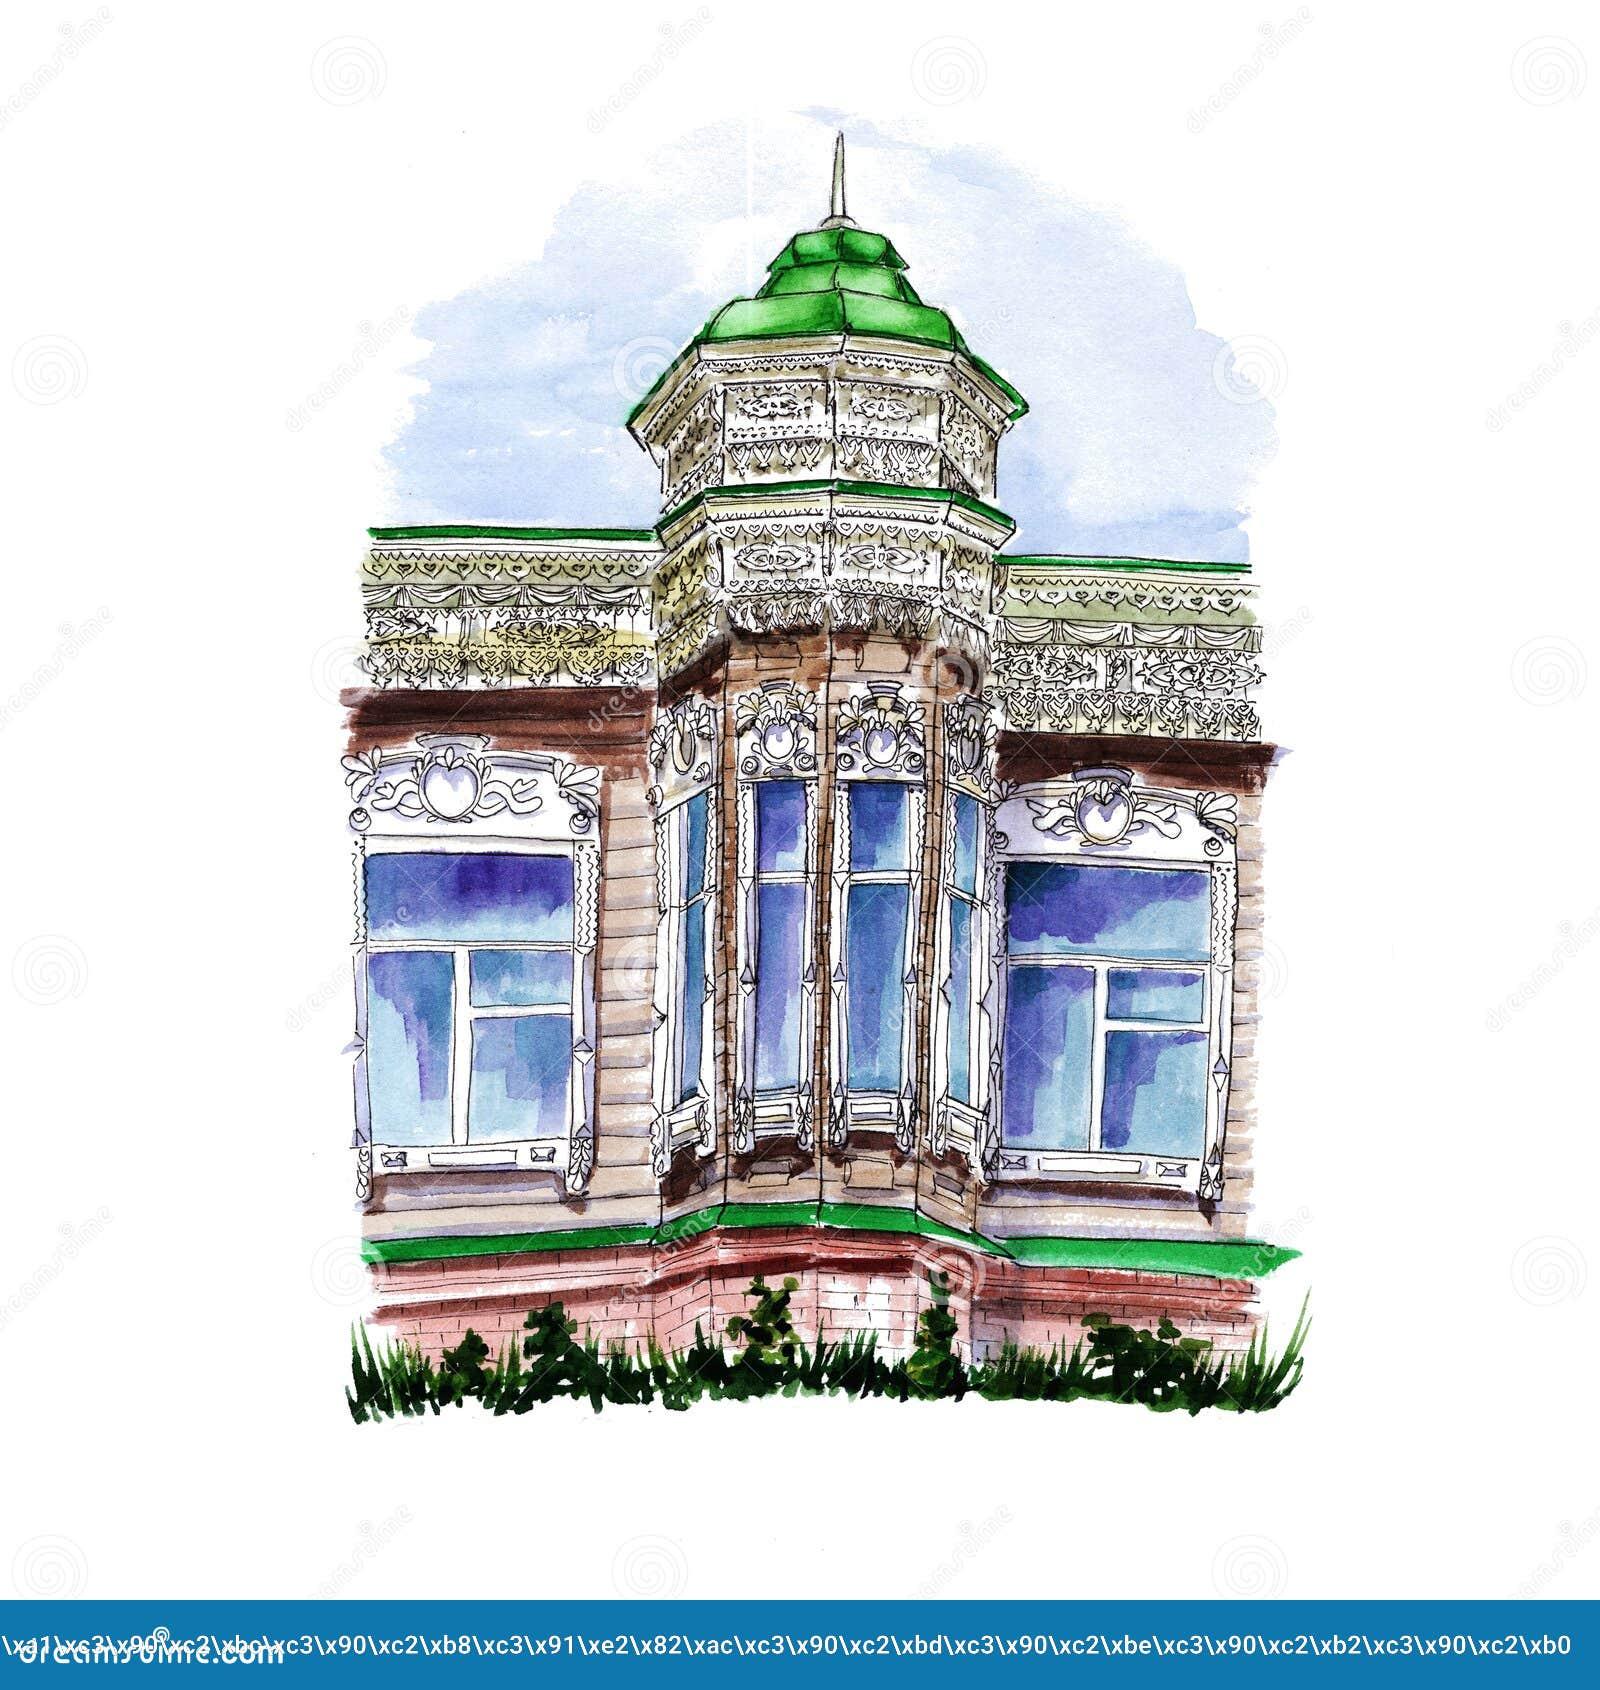 Akwarela rysunek drewniany budynek z kopułą i iglicą